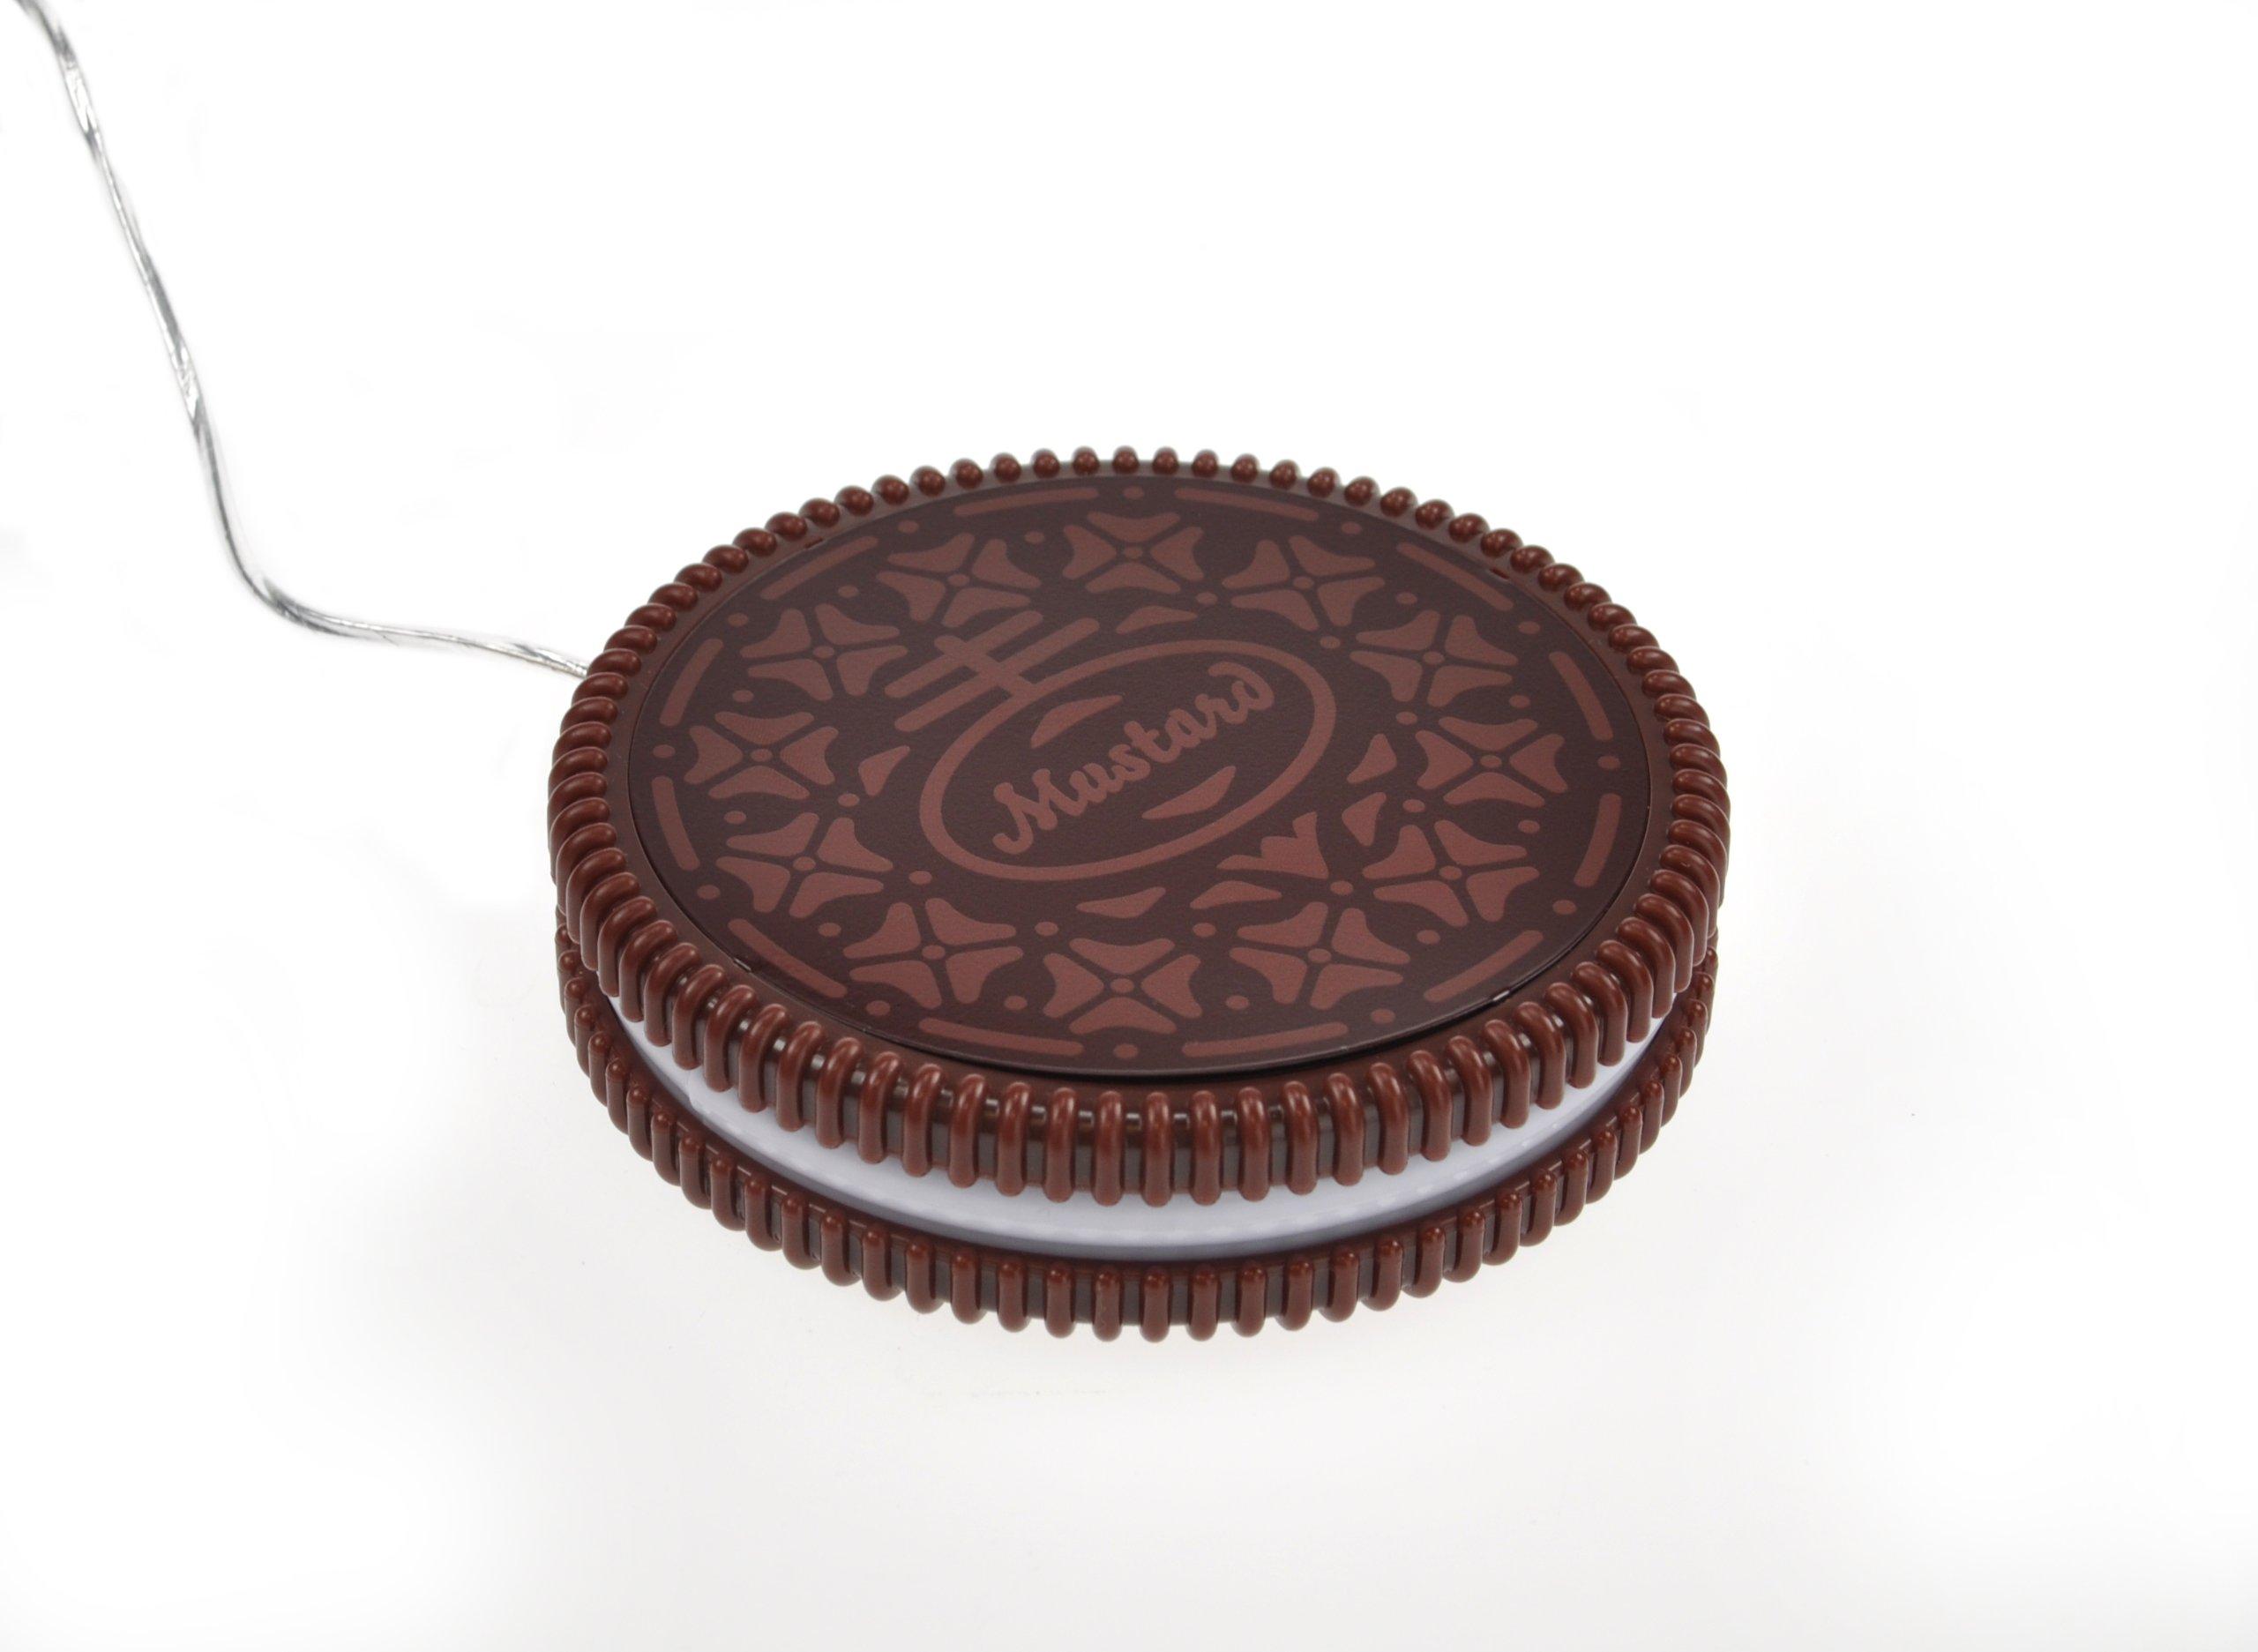 Mustard USB Cup Mug Warmer Coaster - Dark Brown Hot Cookie (NG1702) by Mustard and Co.